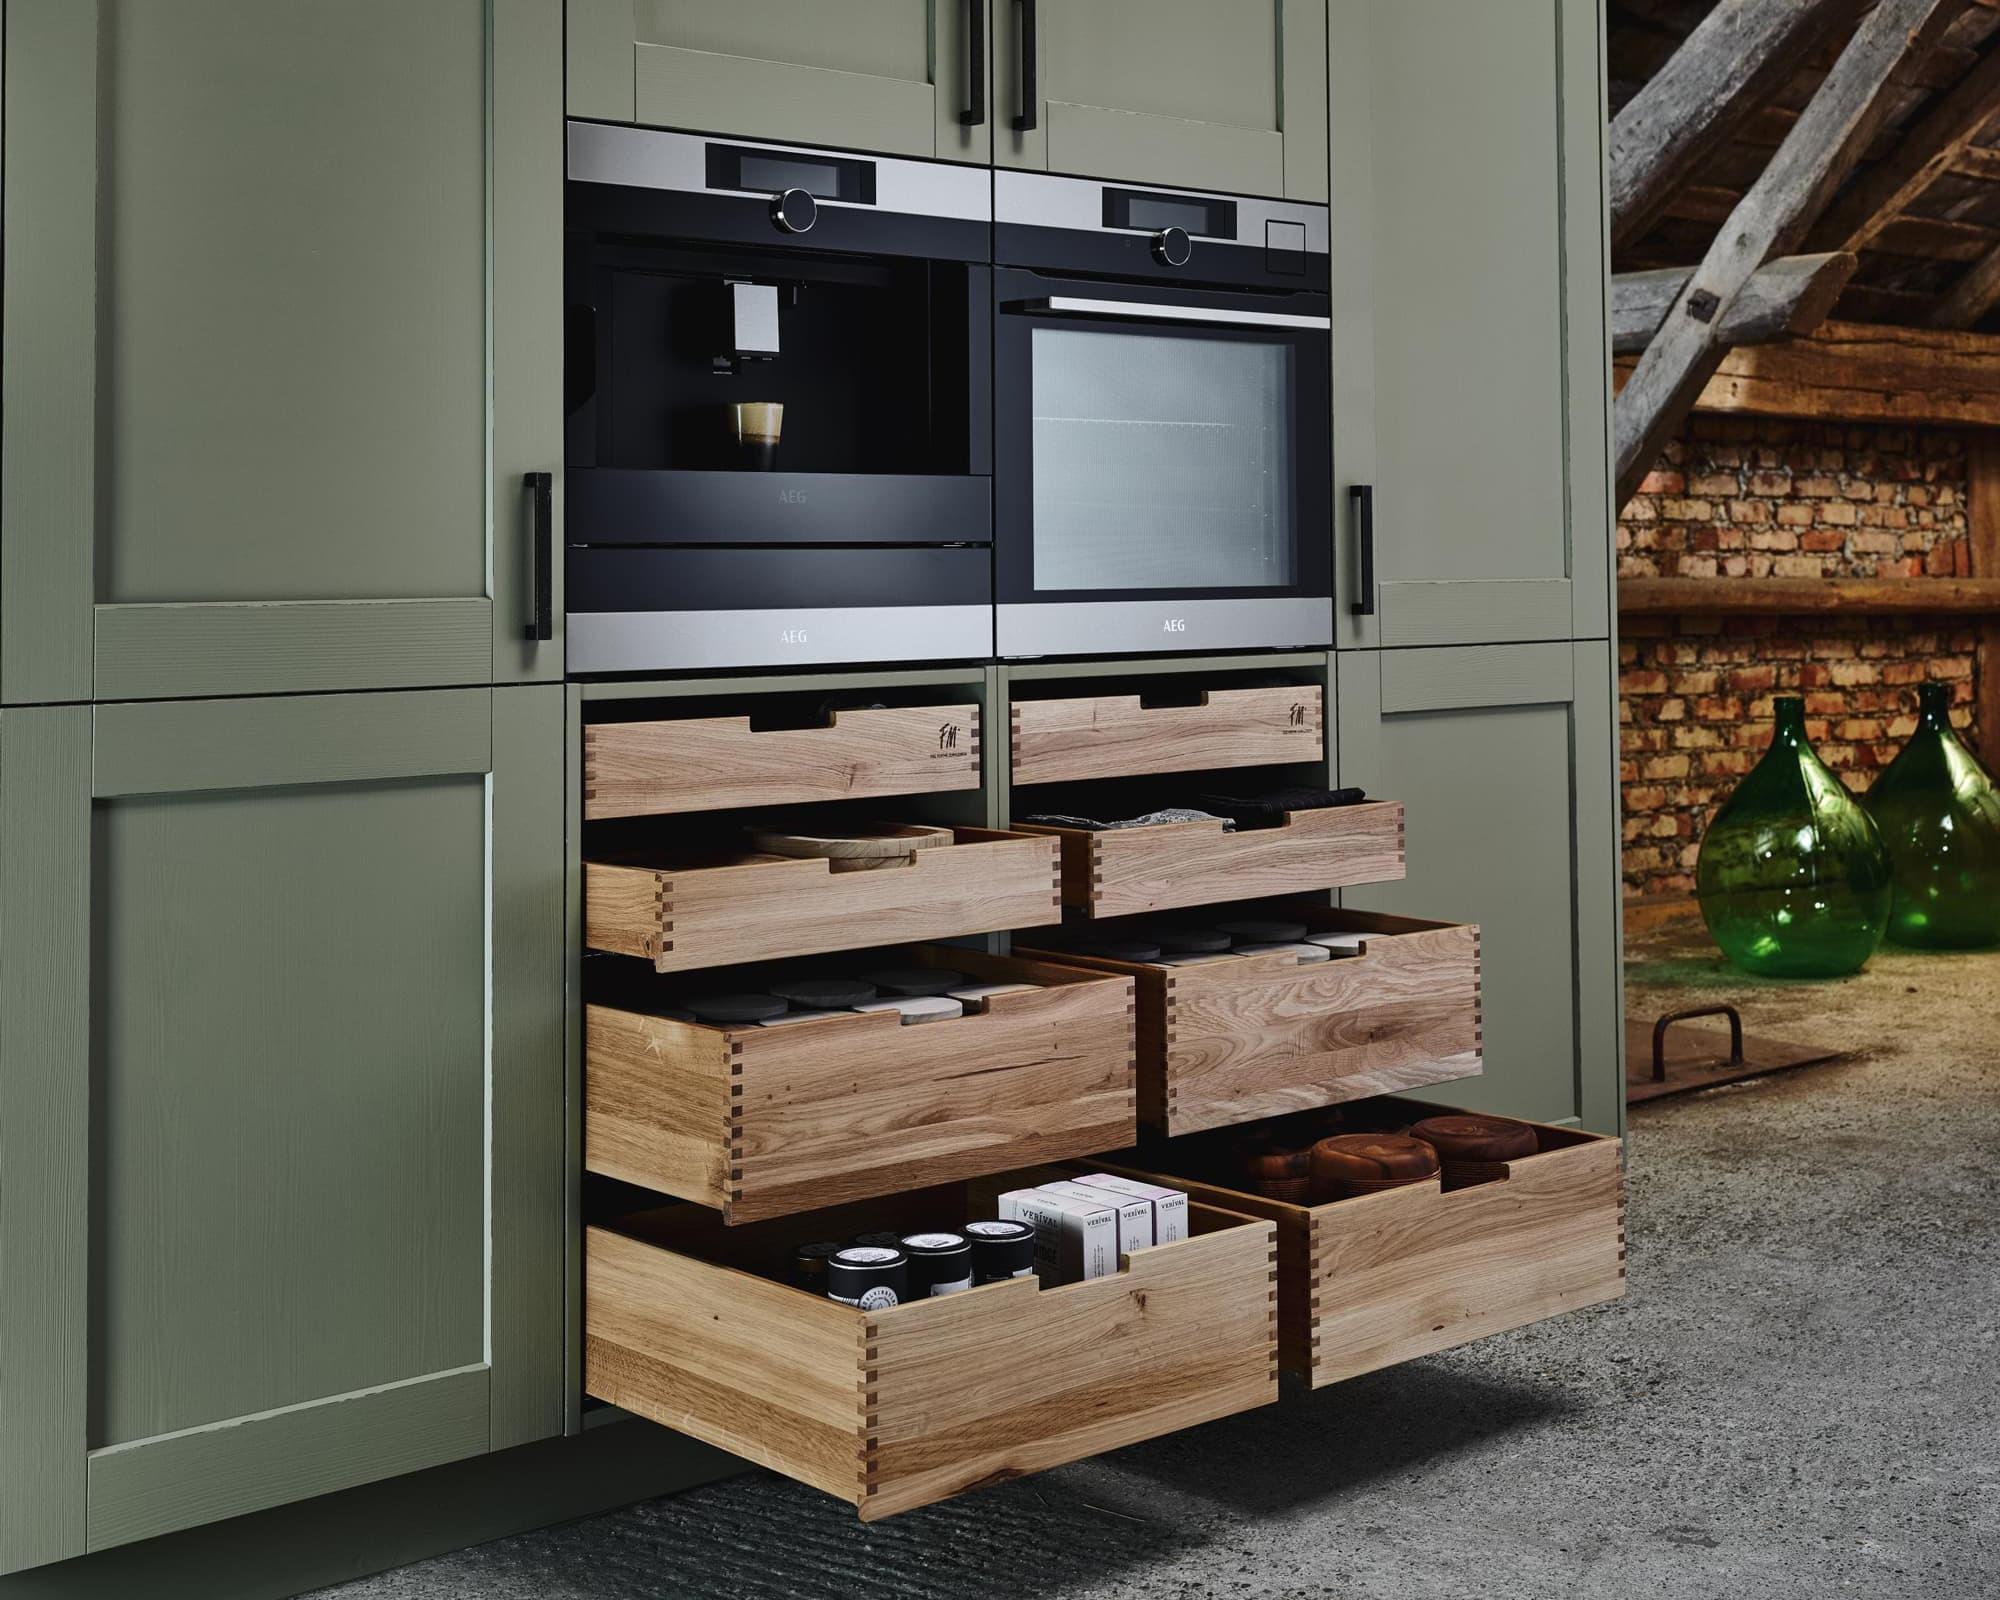 Küchenausstattung | Landhausküche - Eilmannsberger